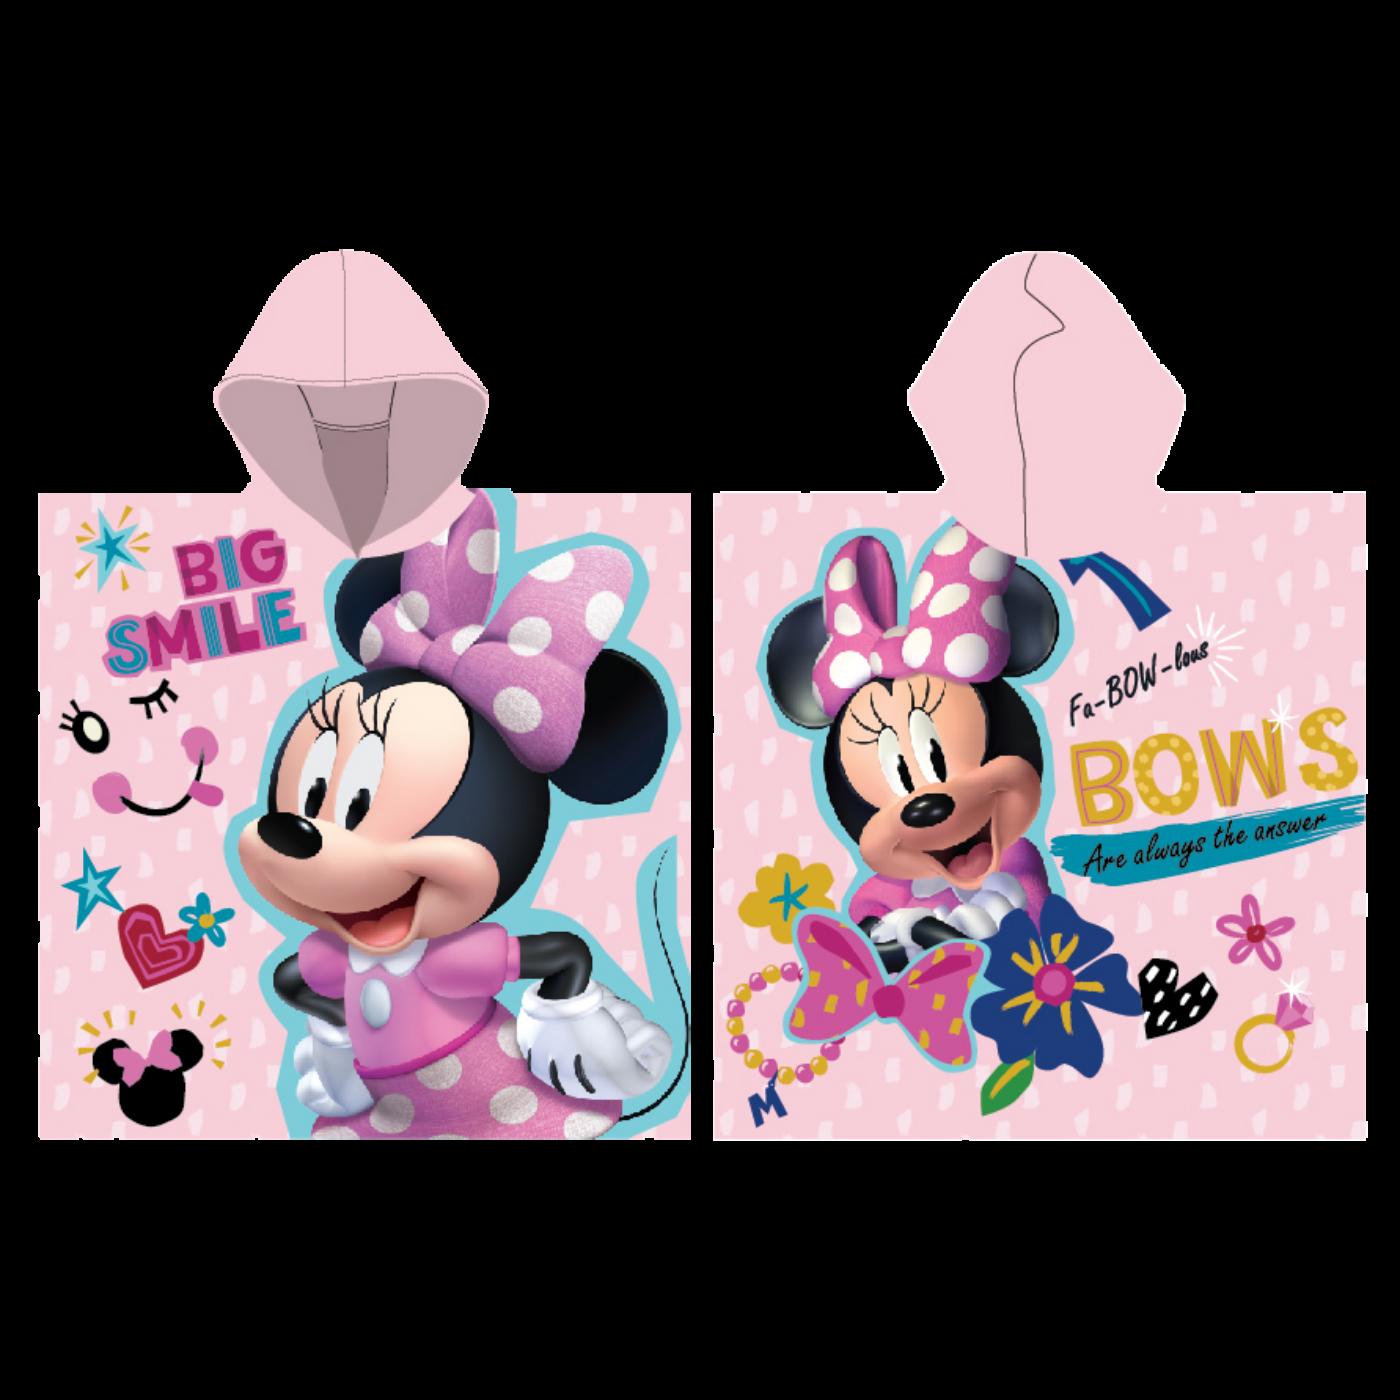 Disney Minnie egér gyerek poncsó - 55x110 - Big Smile felirattal - világosrózsaszín